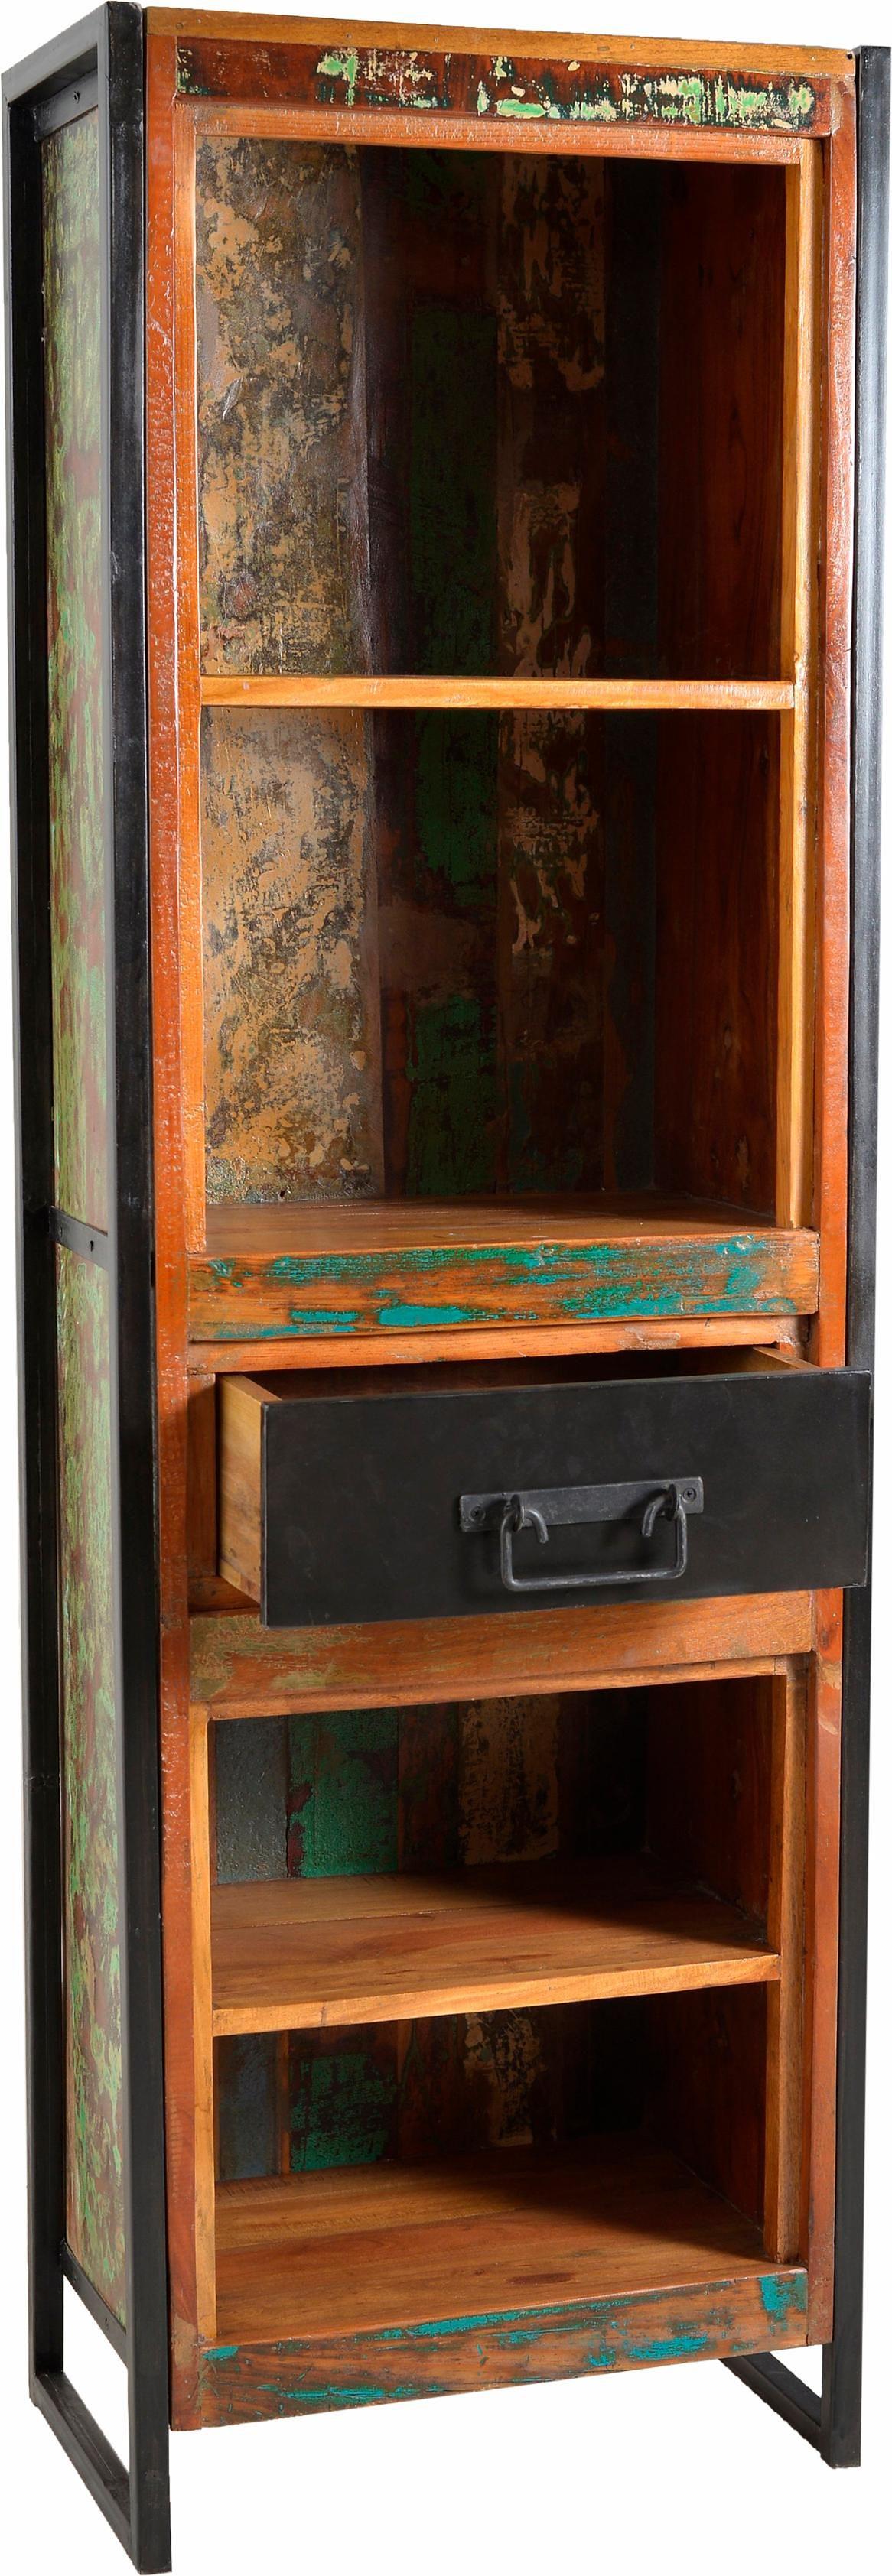 SIT Bücherregal »Bali«, 175 cm hoch